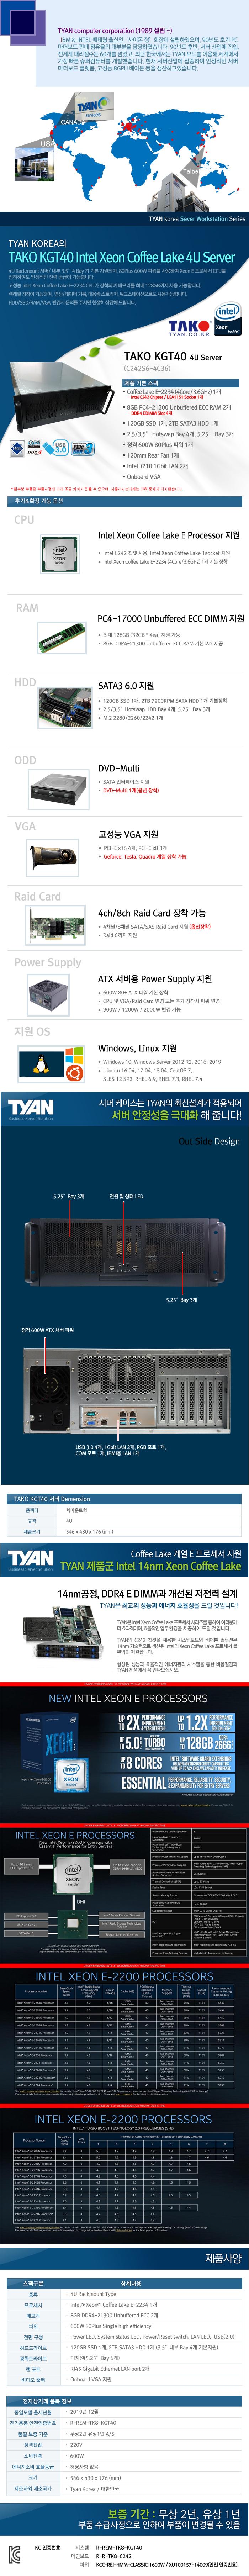 TYAN TAKO-KGT40-(C242S6-4C36) (16GB, SSD 120GB + 2TB)